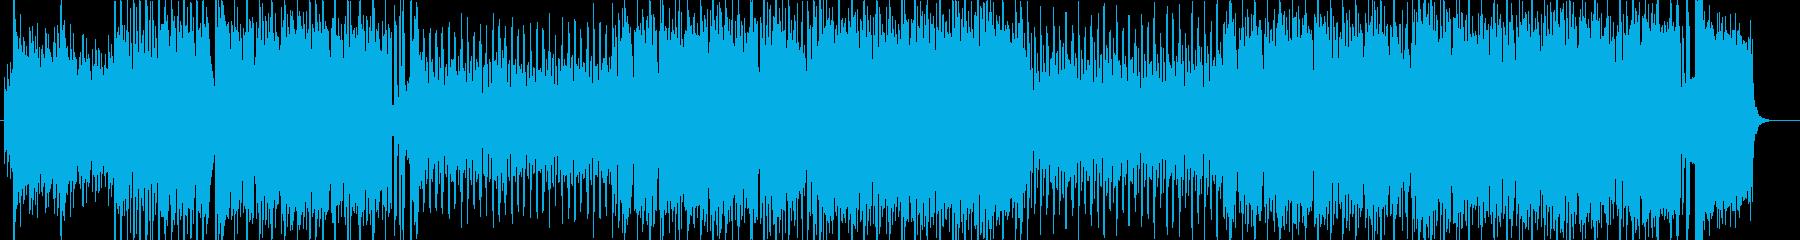 アイドルソング風キラキラポップ4つ打ちaの再生済みの波形